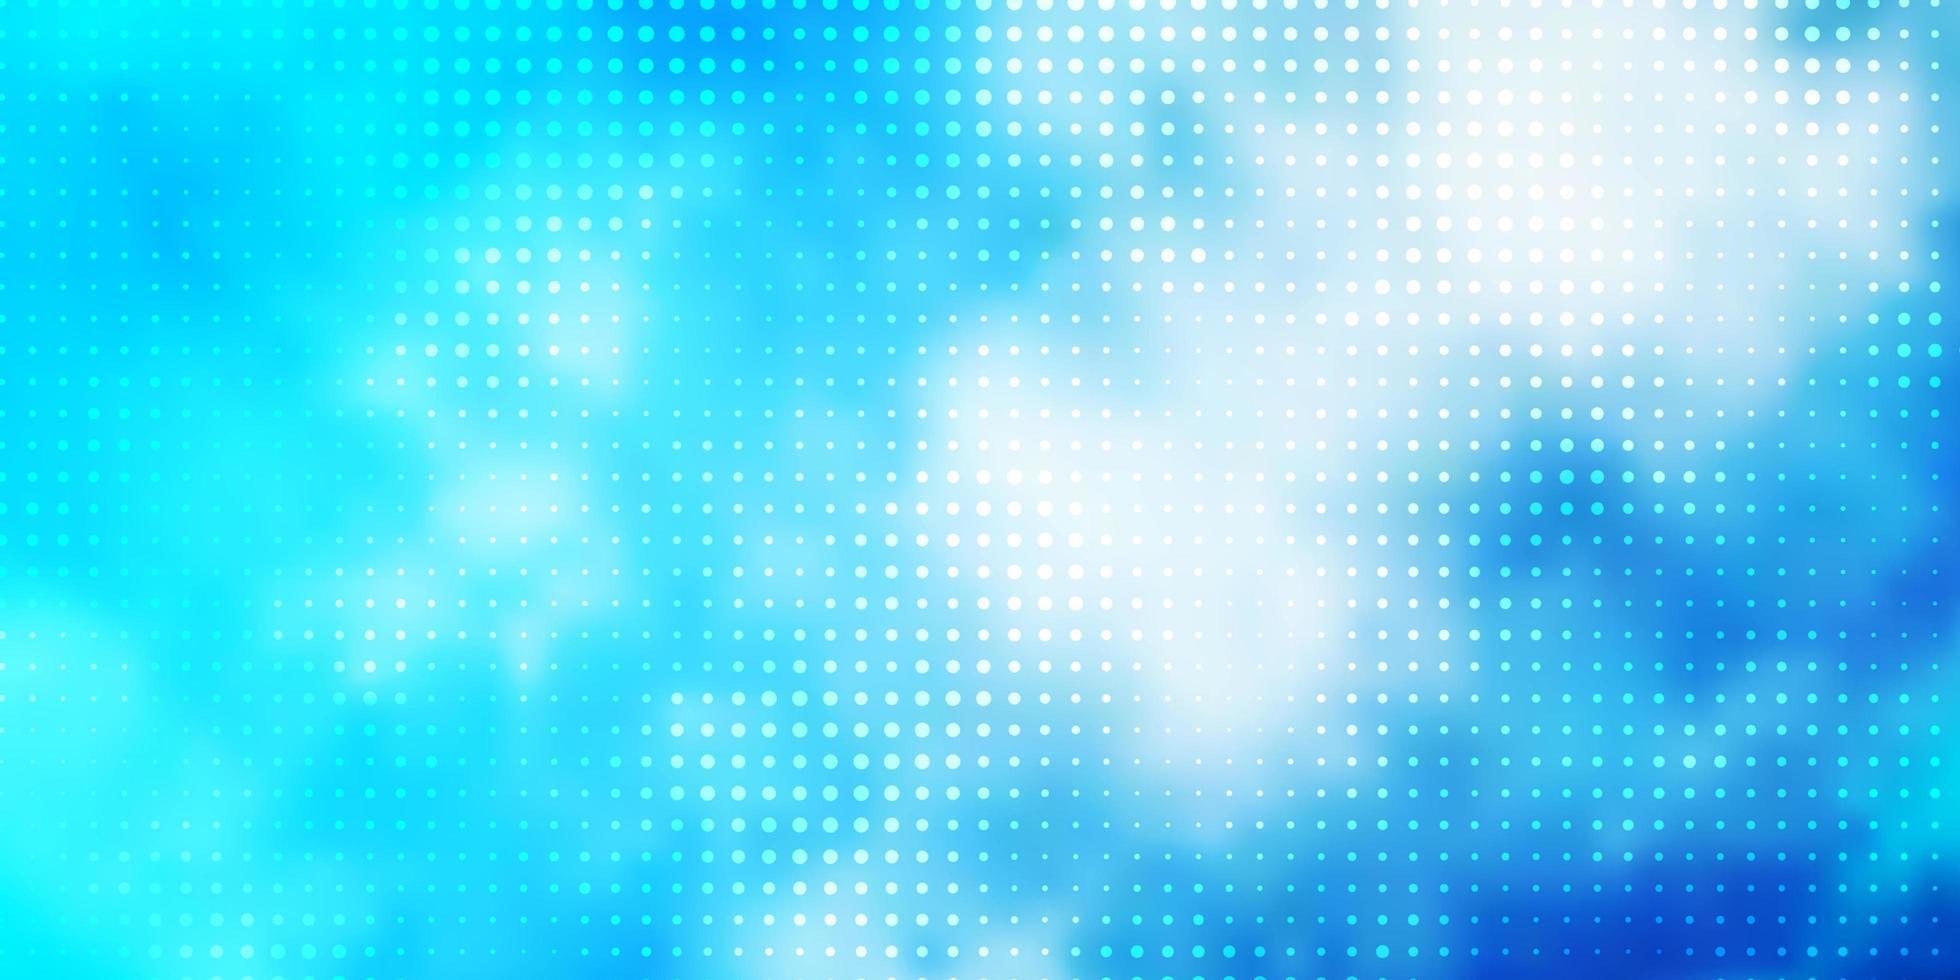 plantilla de vector azul claro con círculos